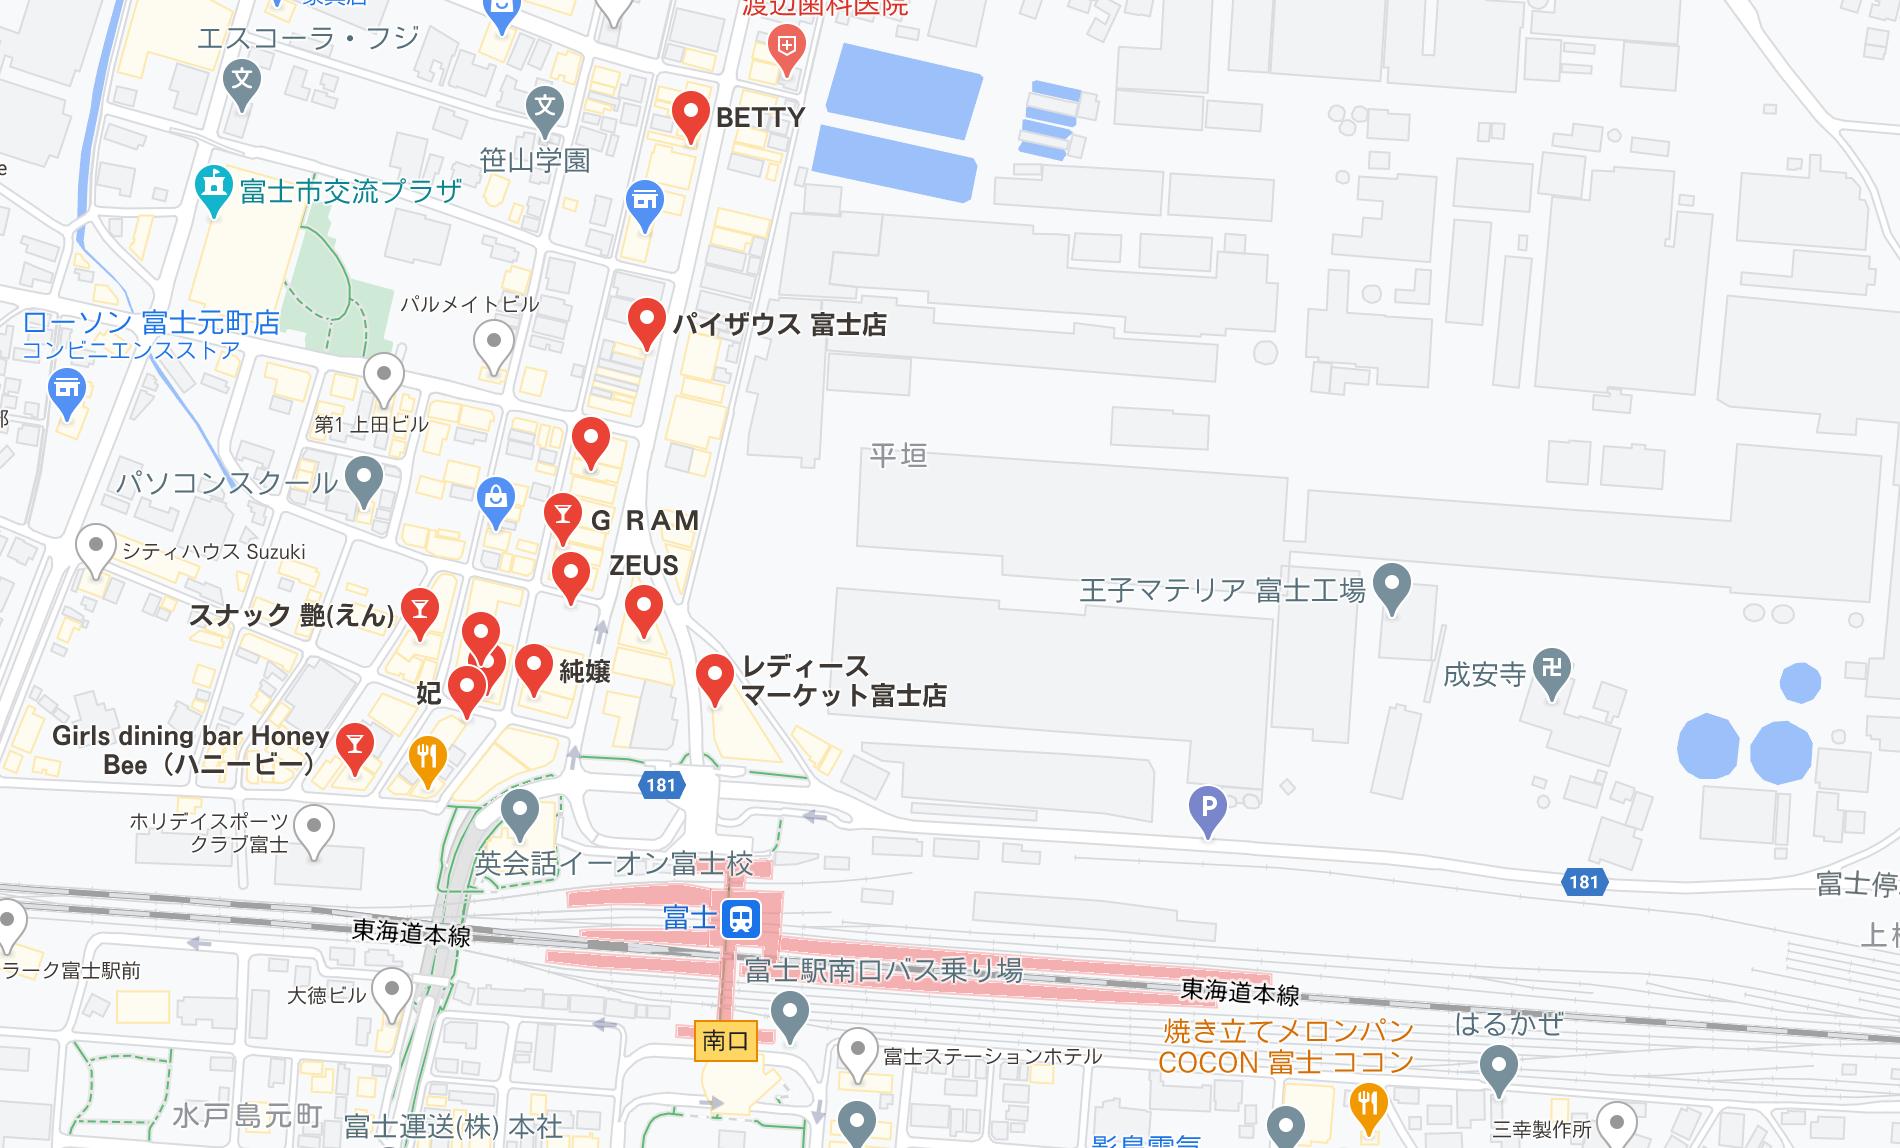 富士市 キャバクラ